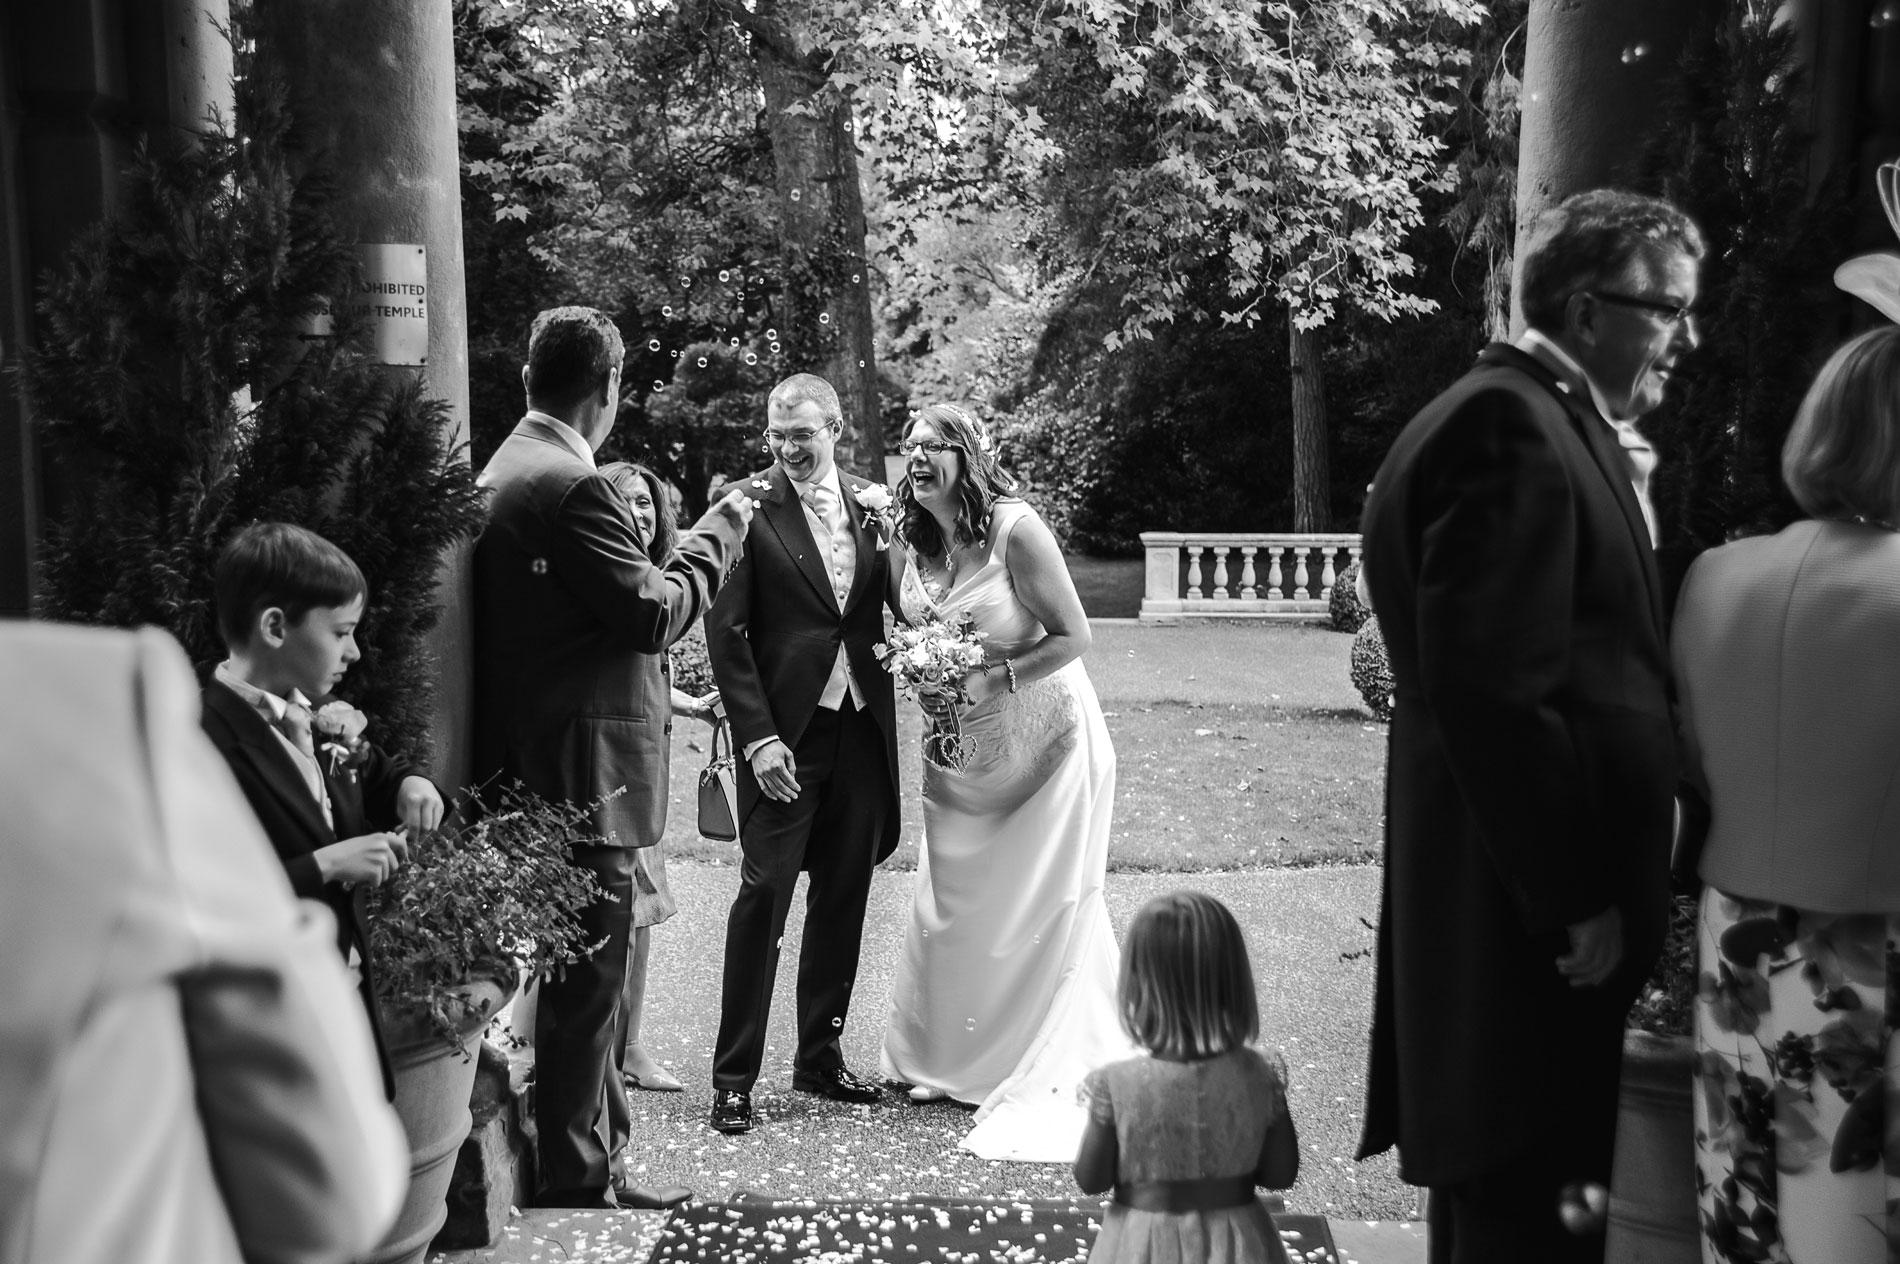 Kilworth-weddings-_34.jpg